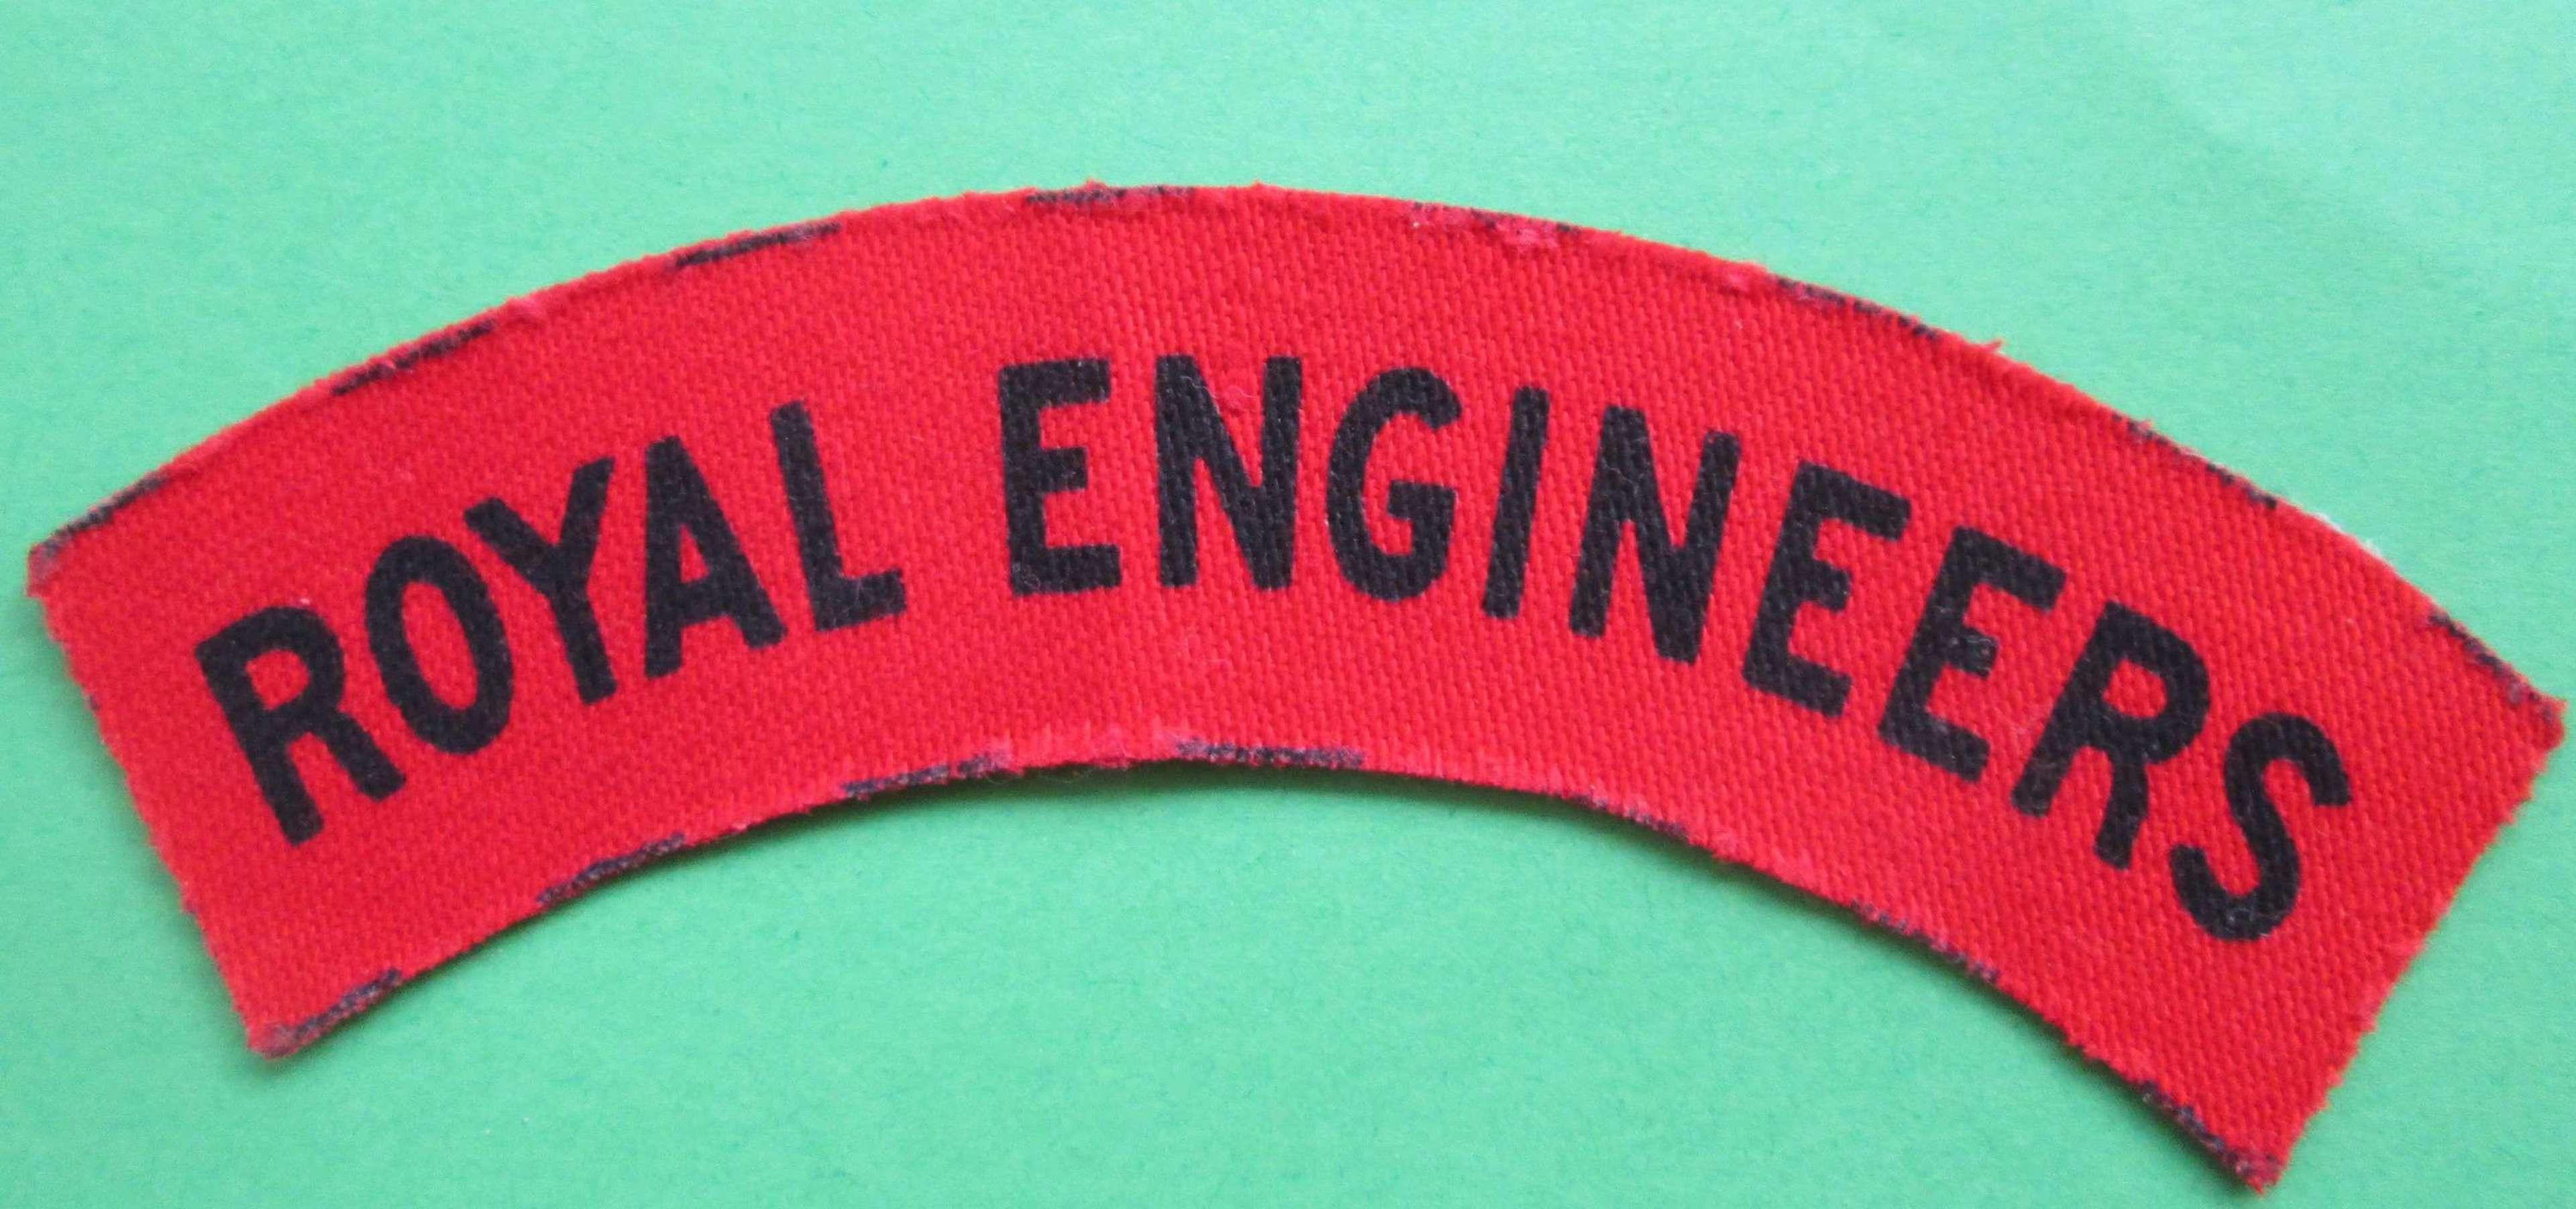 ROYAL ENGINEERS PRINTED SHOULDER TITLE